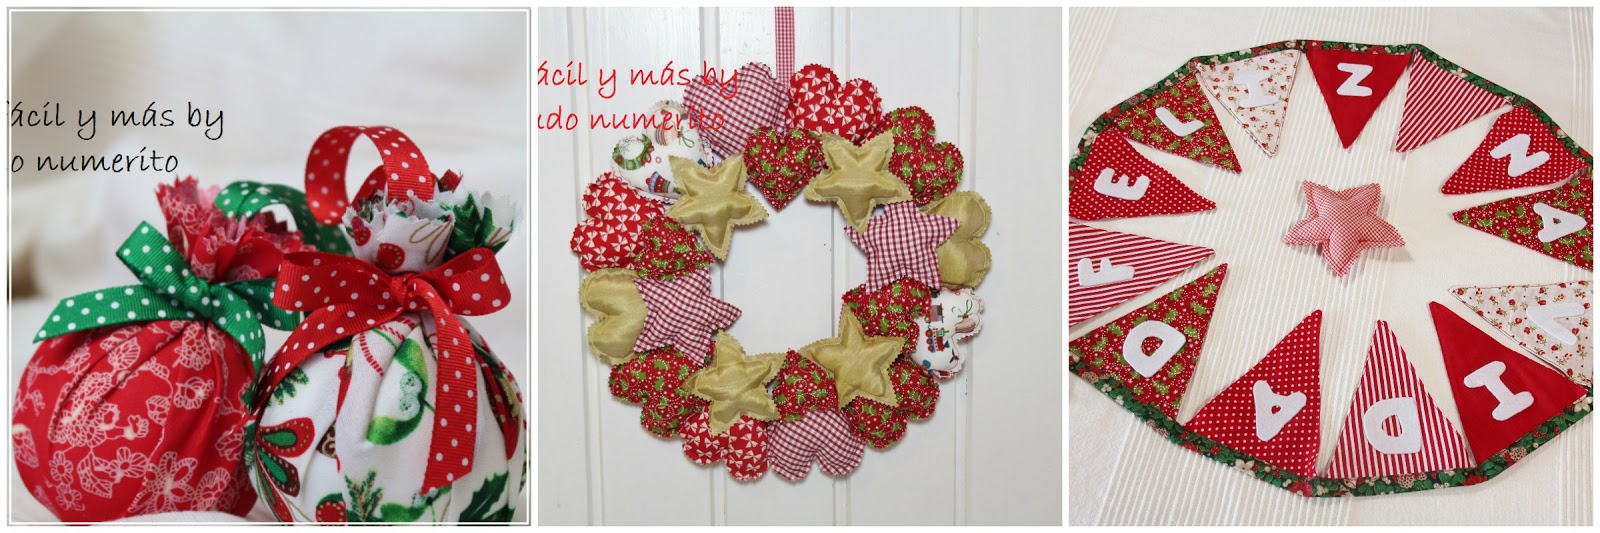 Un rbol de navidad handmade el blog de coser f cil y - Arbol navidad tela ...